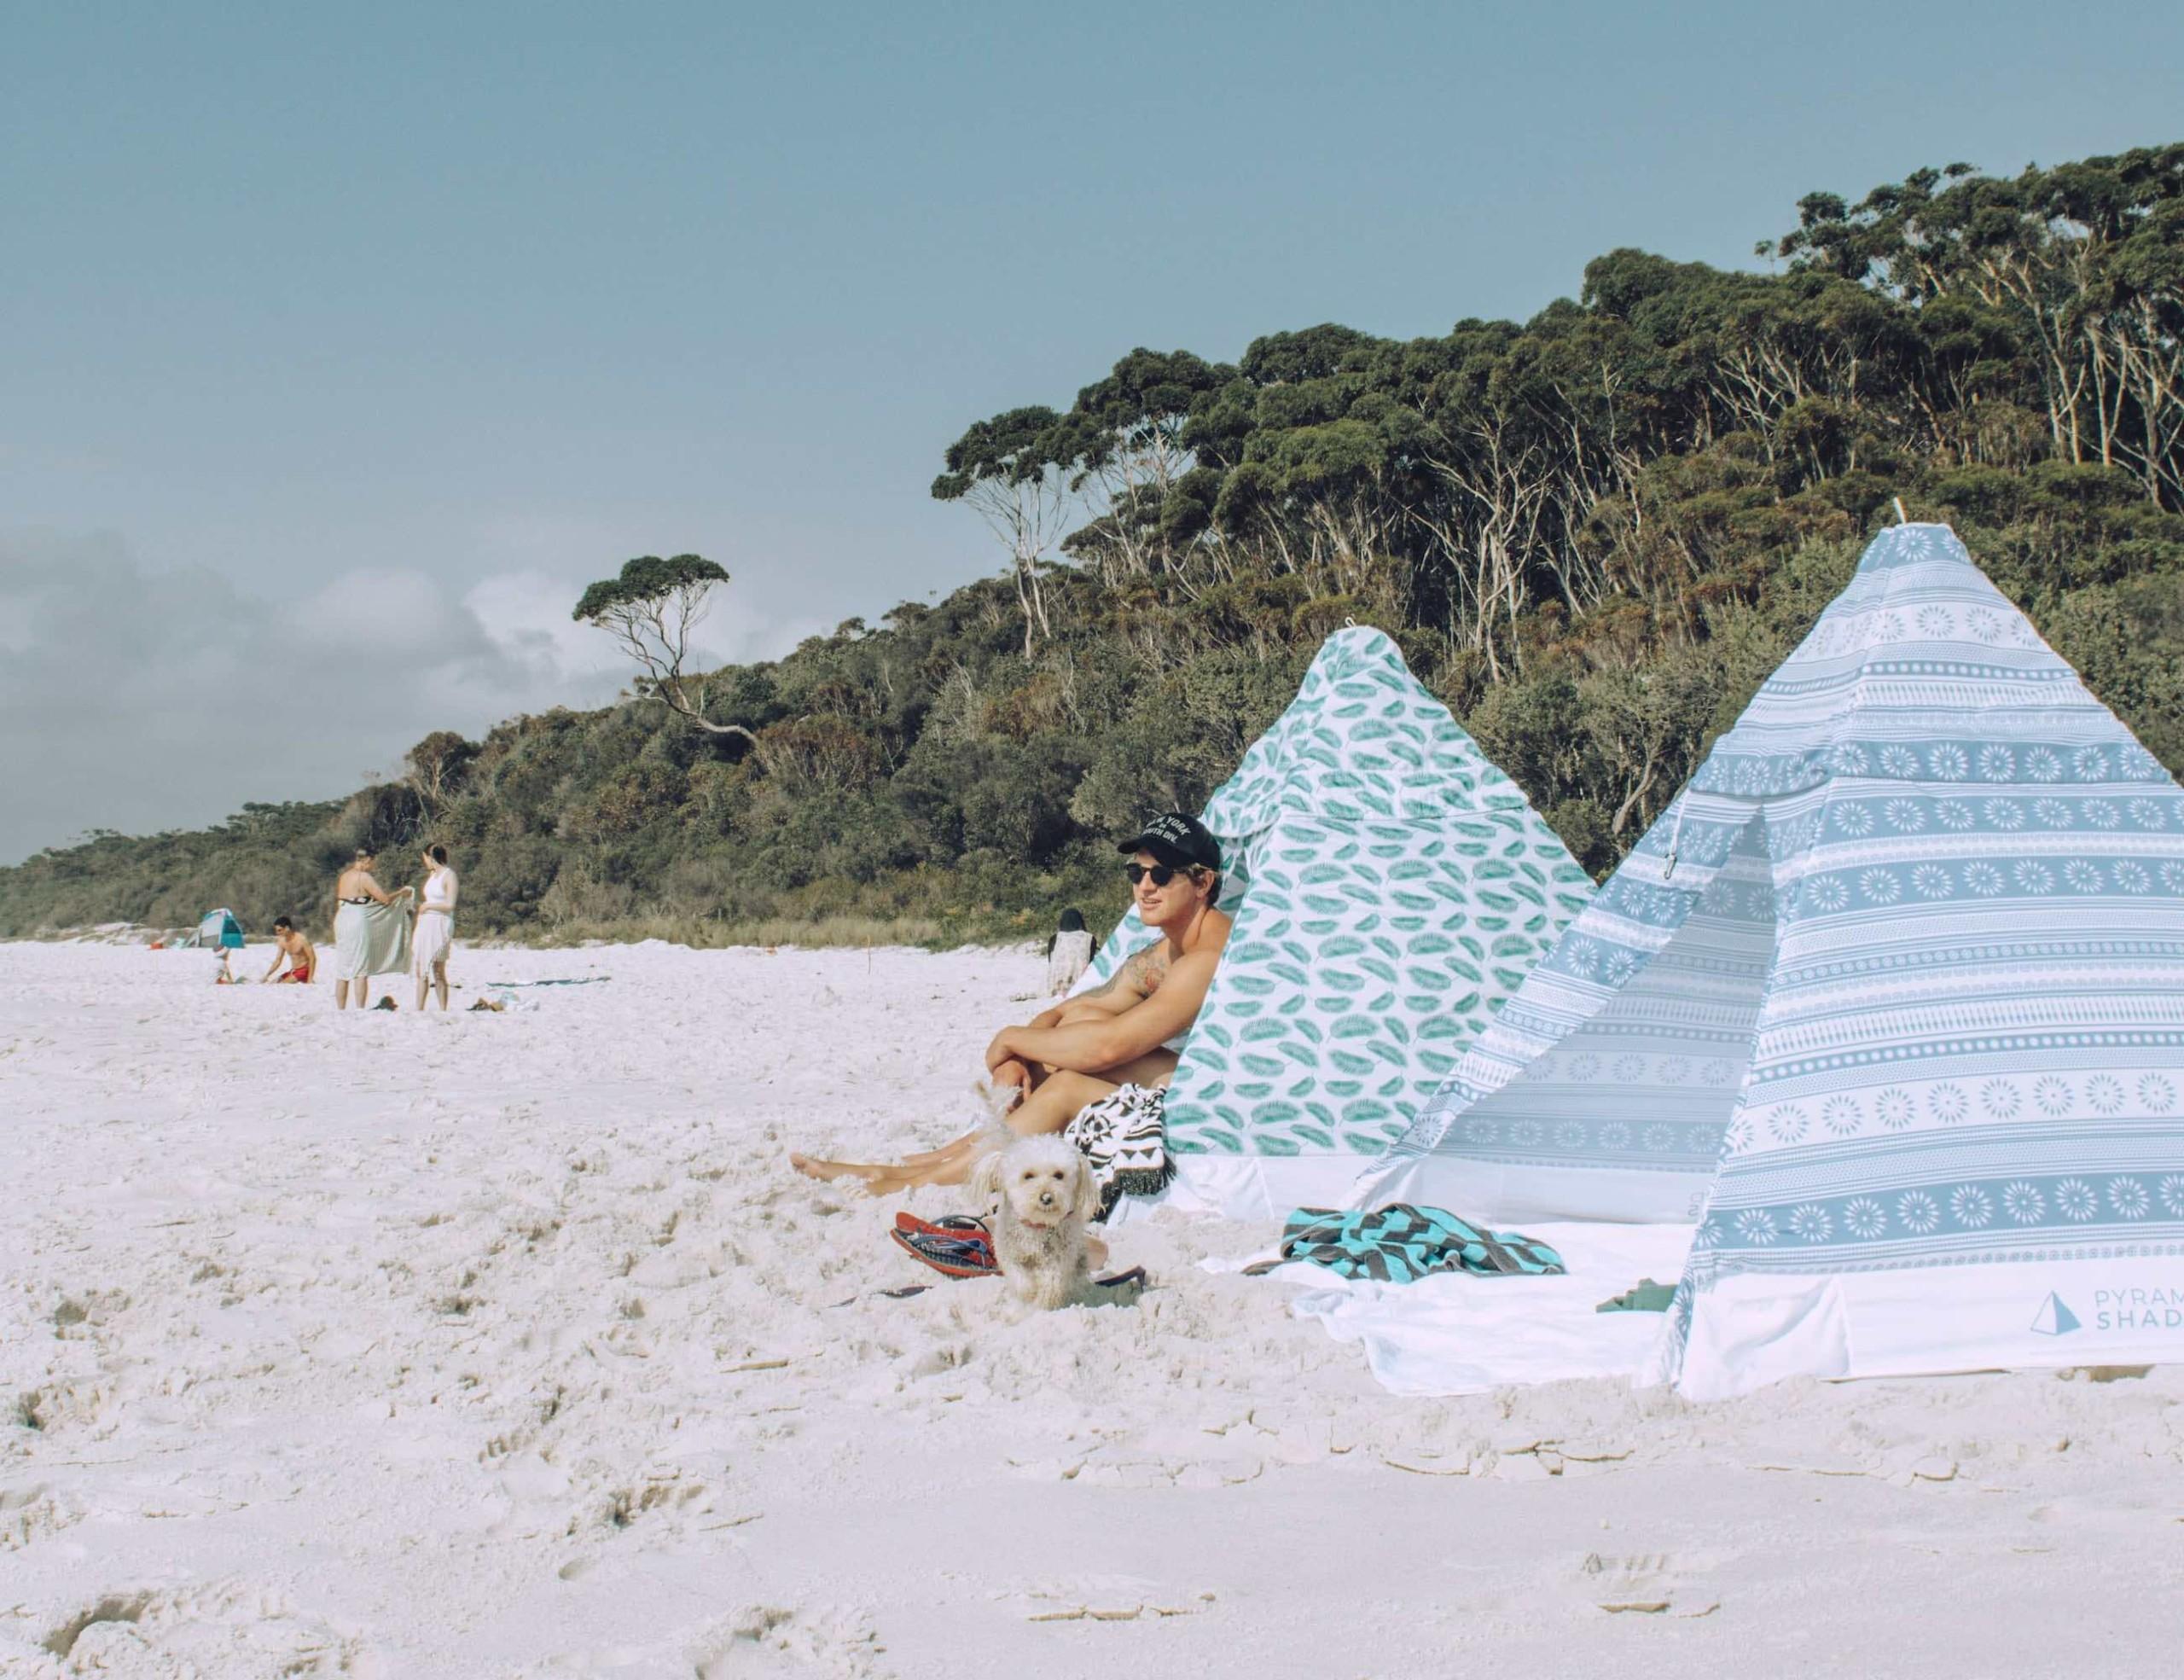 Pyramid Shades Lightweight Compact Sunshade